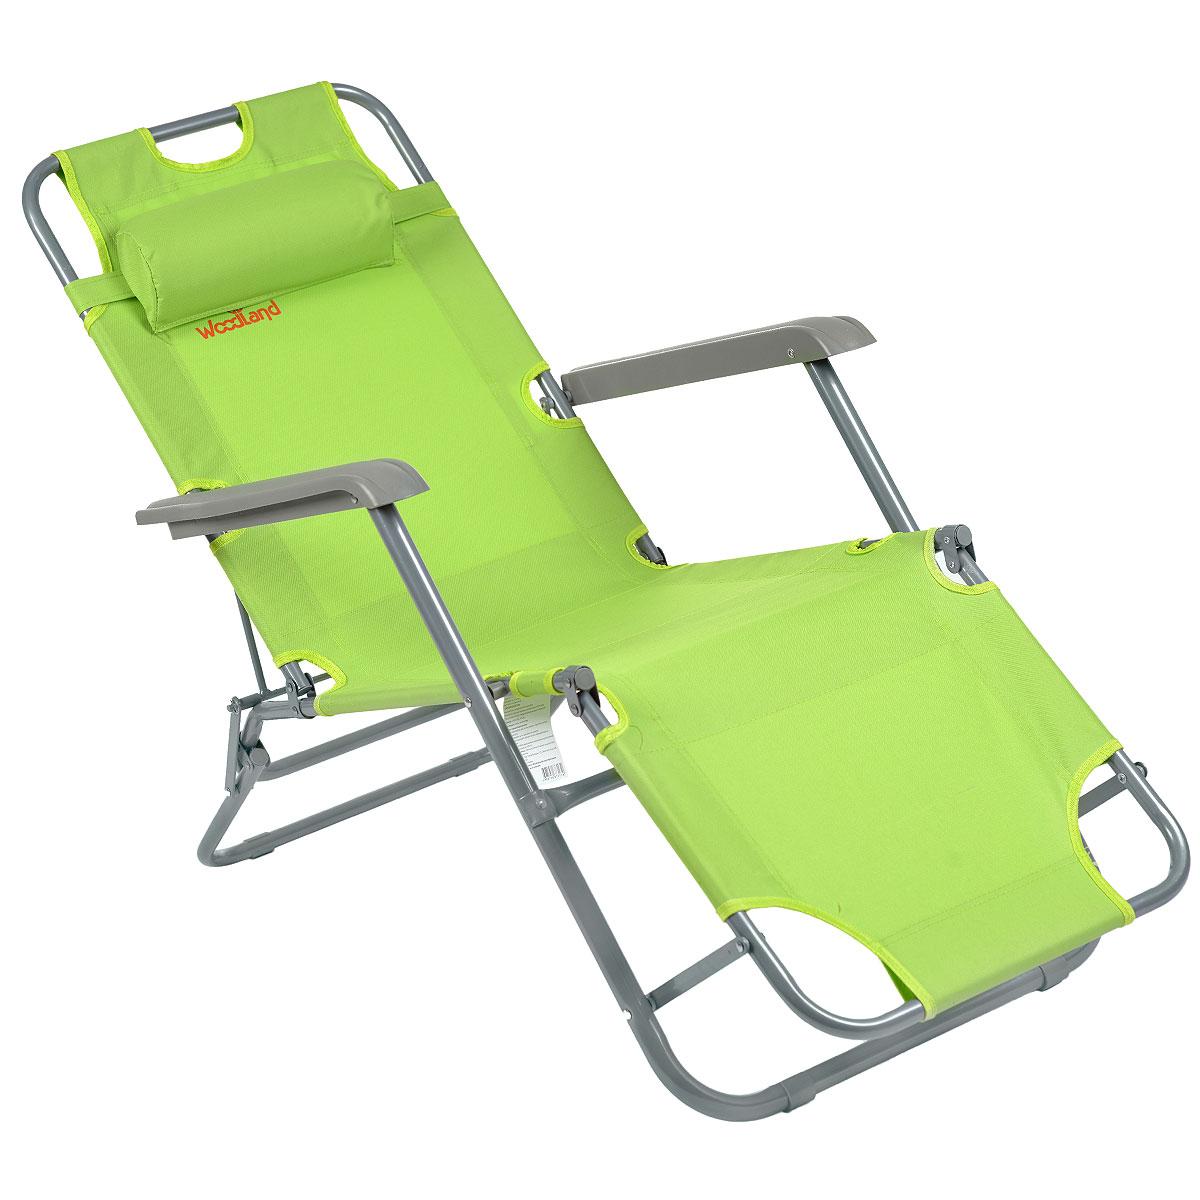 Кресло складное Woodland Lounger Oxford, цвет: зеленый, 153 см х 60 см х 79 смC0038550Складное кресло Woodland Woodland Lounger Oxford предназначено для создания комфортных условий в туристических походах, охоте, рыбалке и кемпинге.Особенности: Компактная складная конструкция.Прочный стальной каркас с покрытием, диаметр 19 мм и 25 мм.Прочная ткань Oxford 600 обладает повышенной износостойкостью.